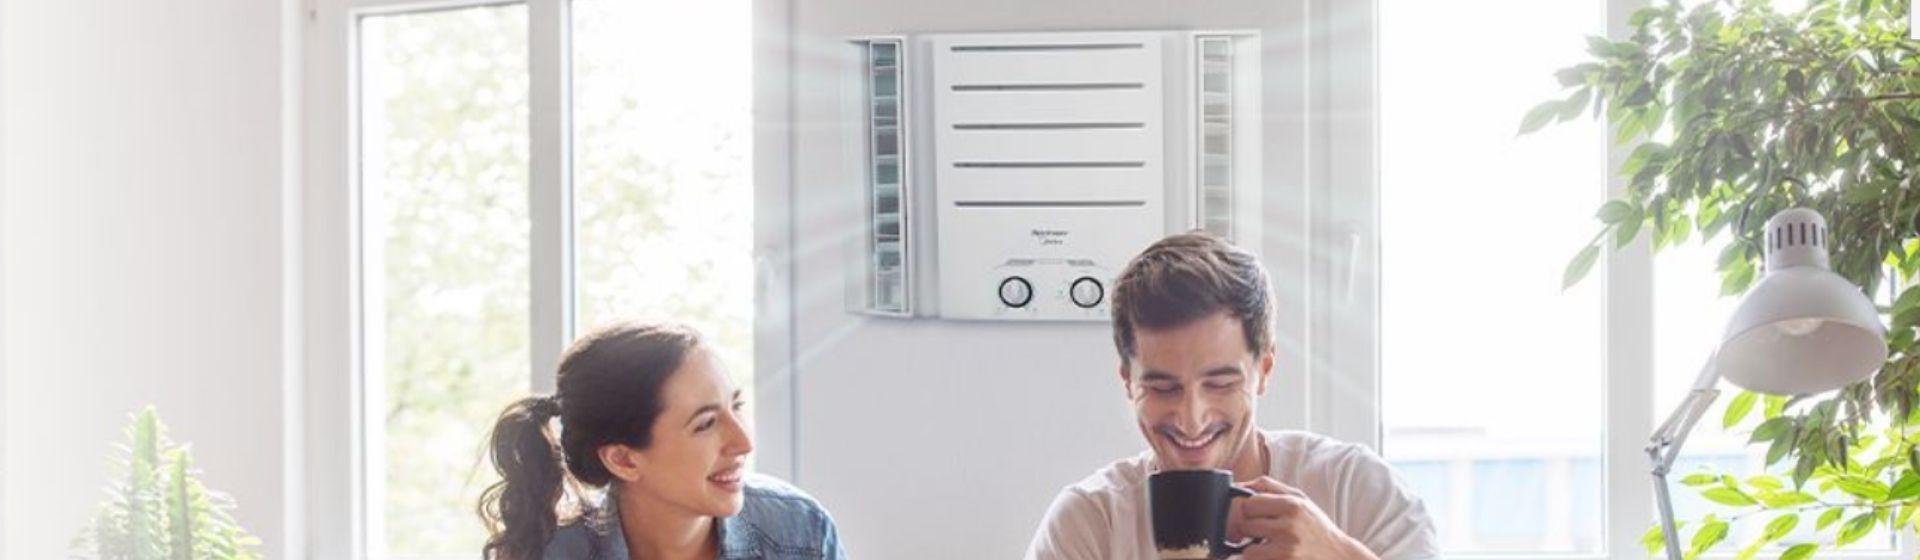 Melhor ar-condicionado de janela 2021: veja a seleção